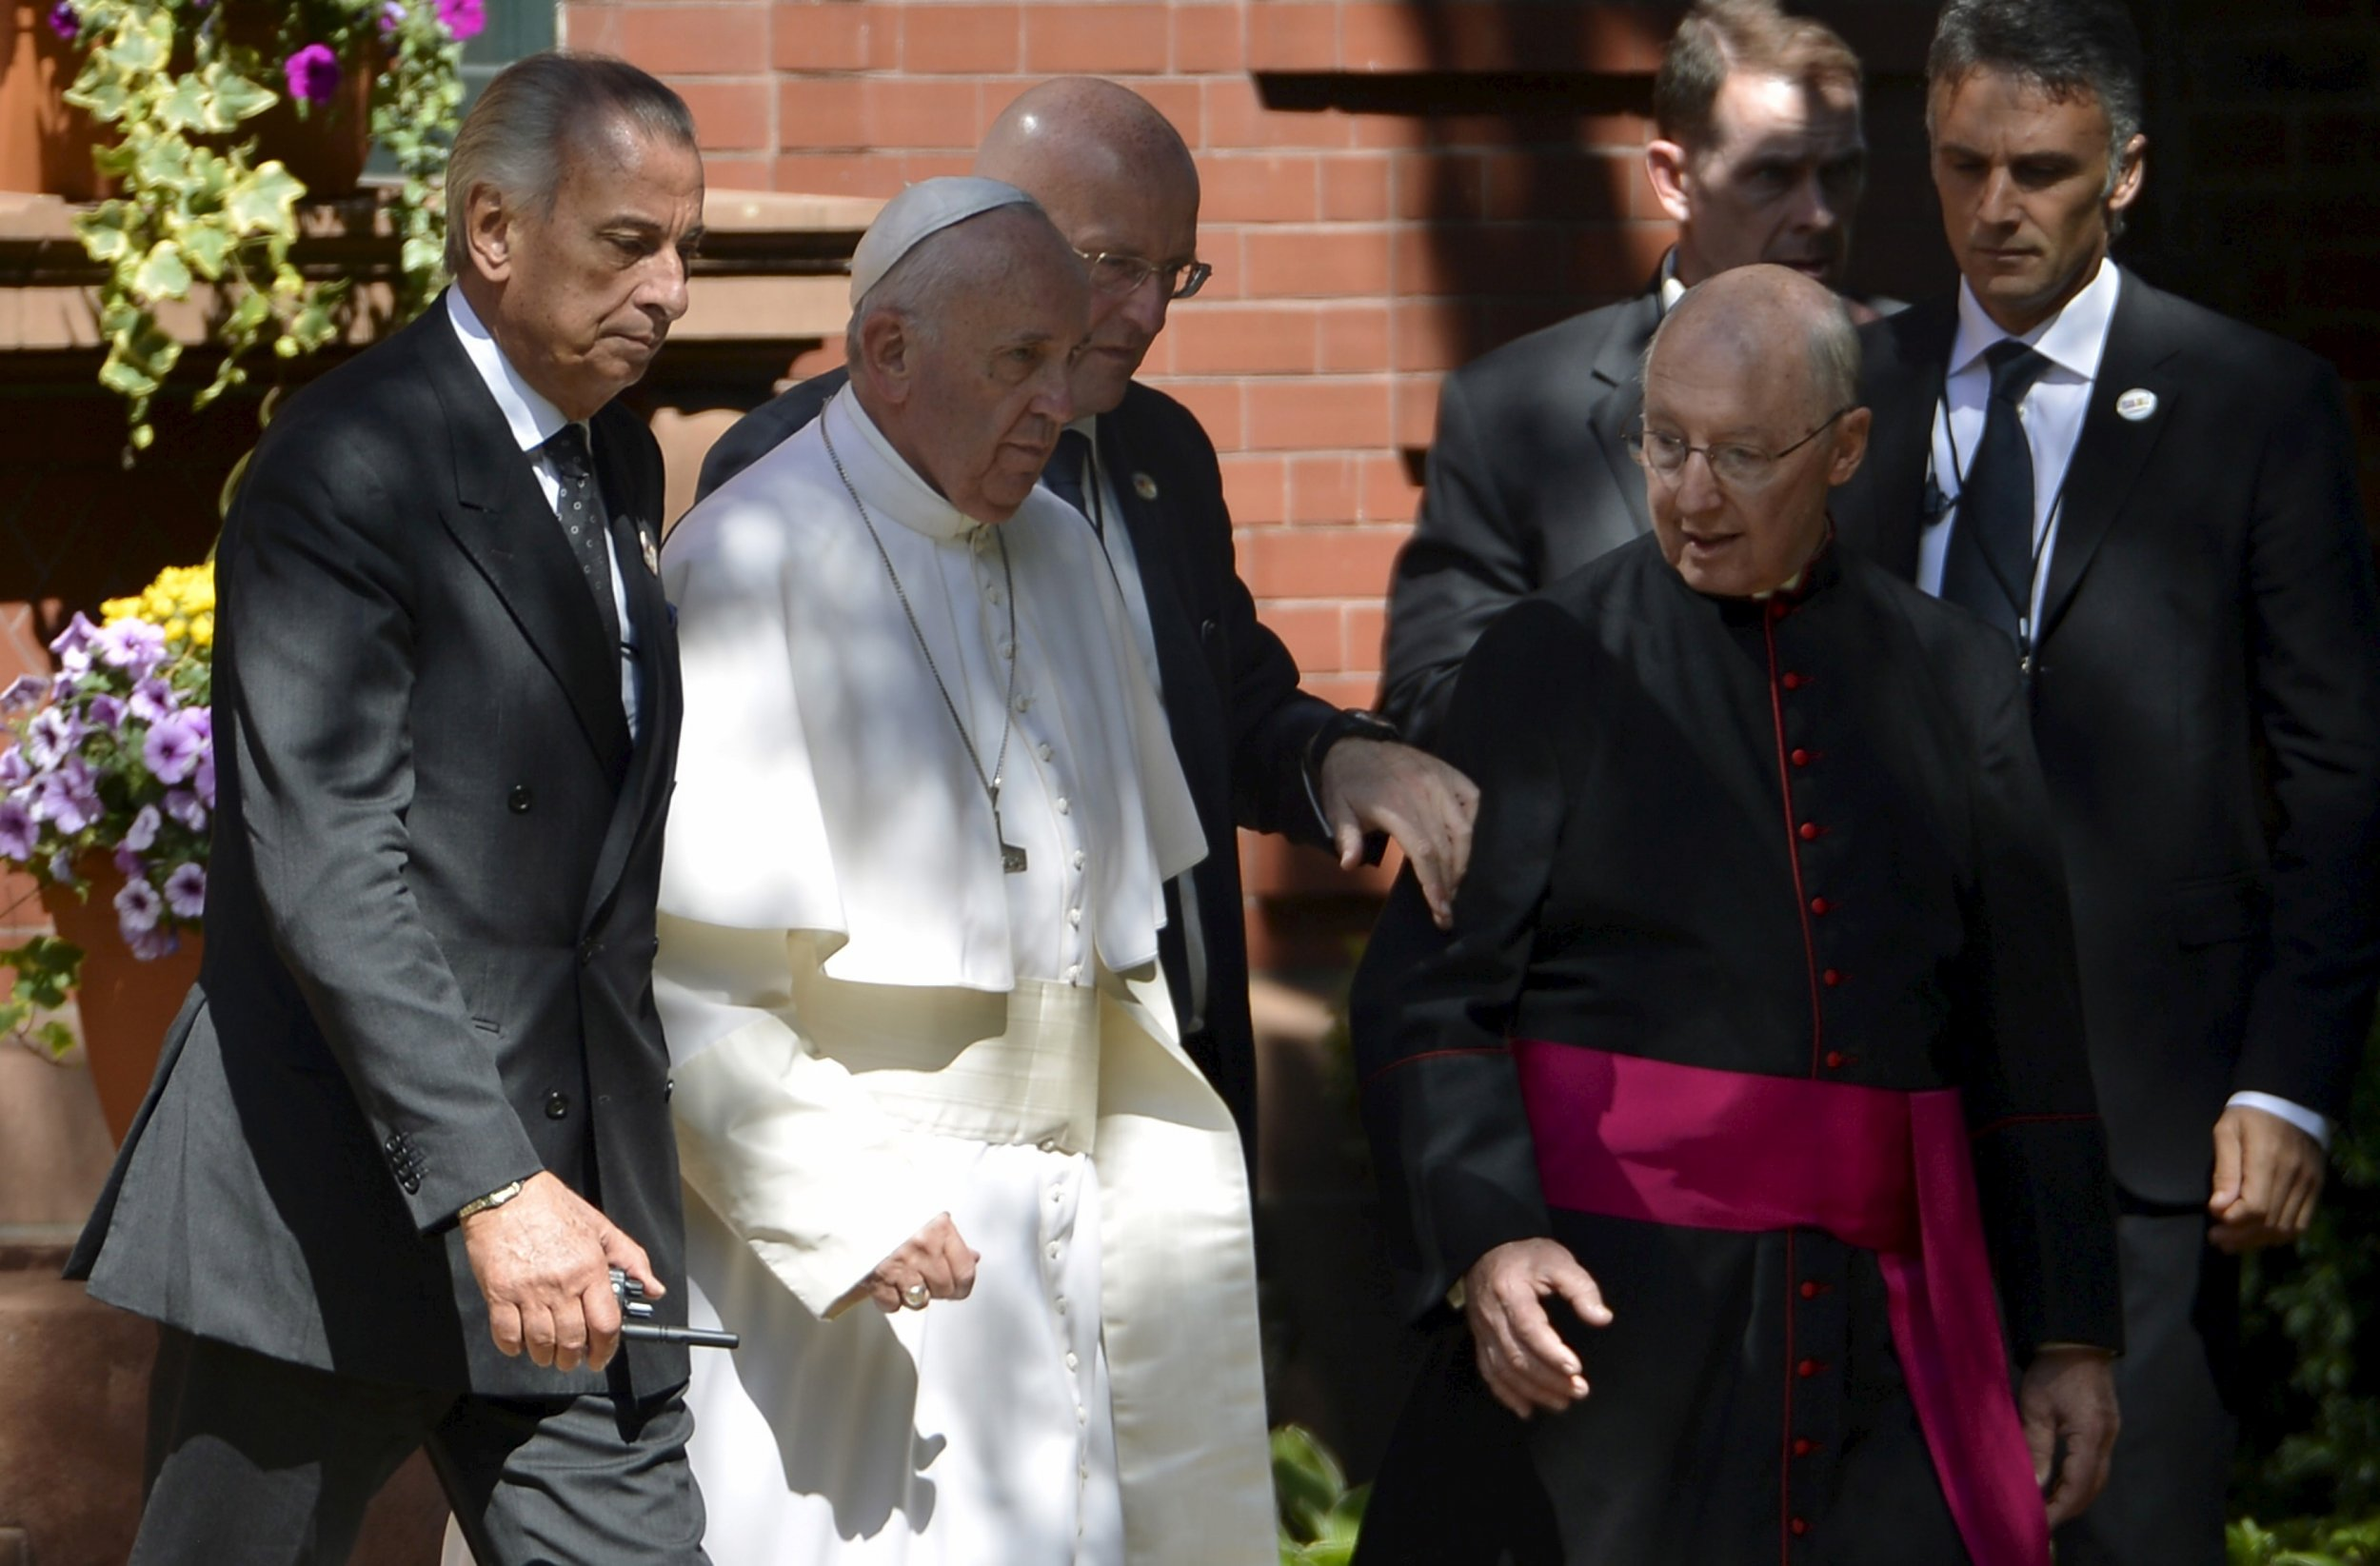 0923_Pope_Francis_Washington_04